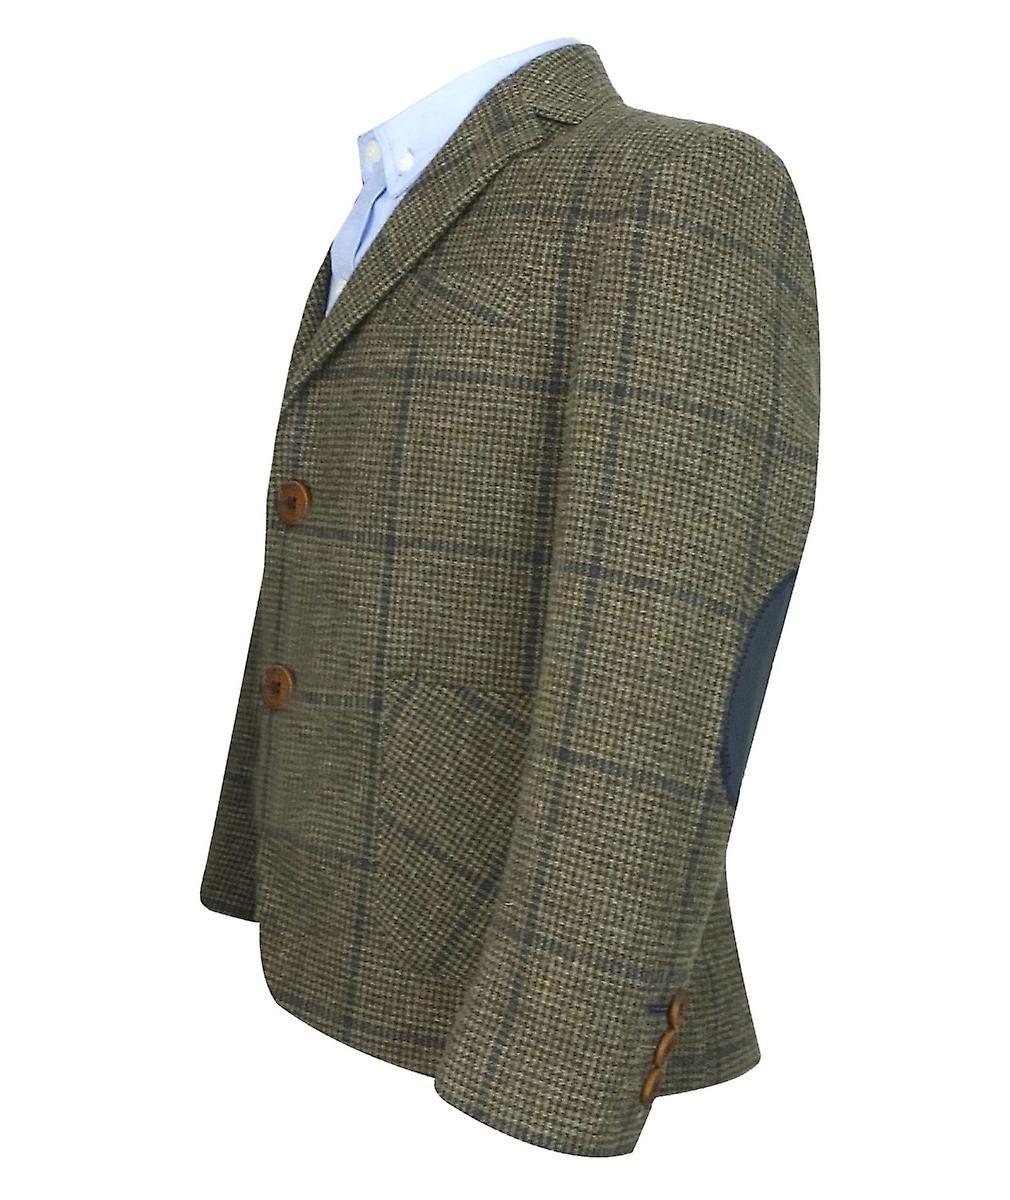 Couche Tot Herringbone Tweed 4 Piece Boys Wool Suit in Brown and Navy Blue